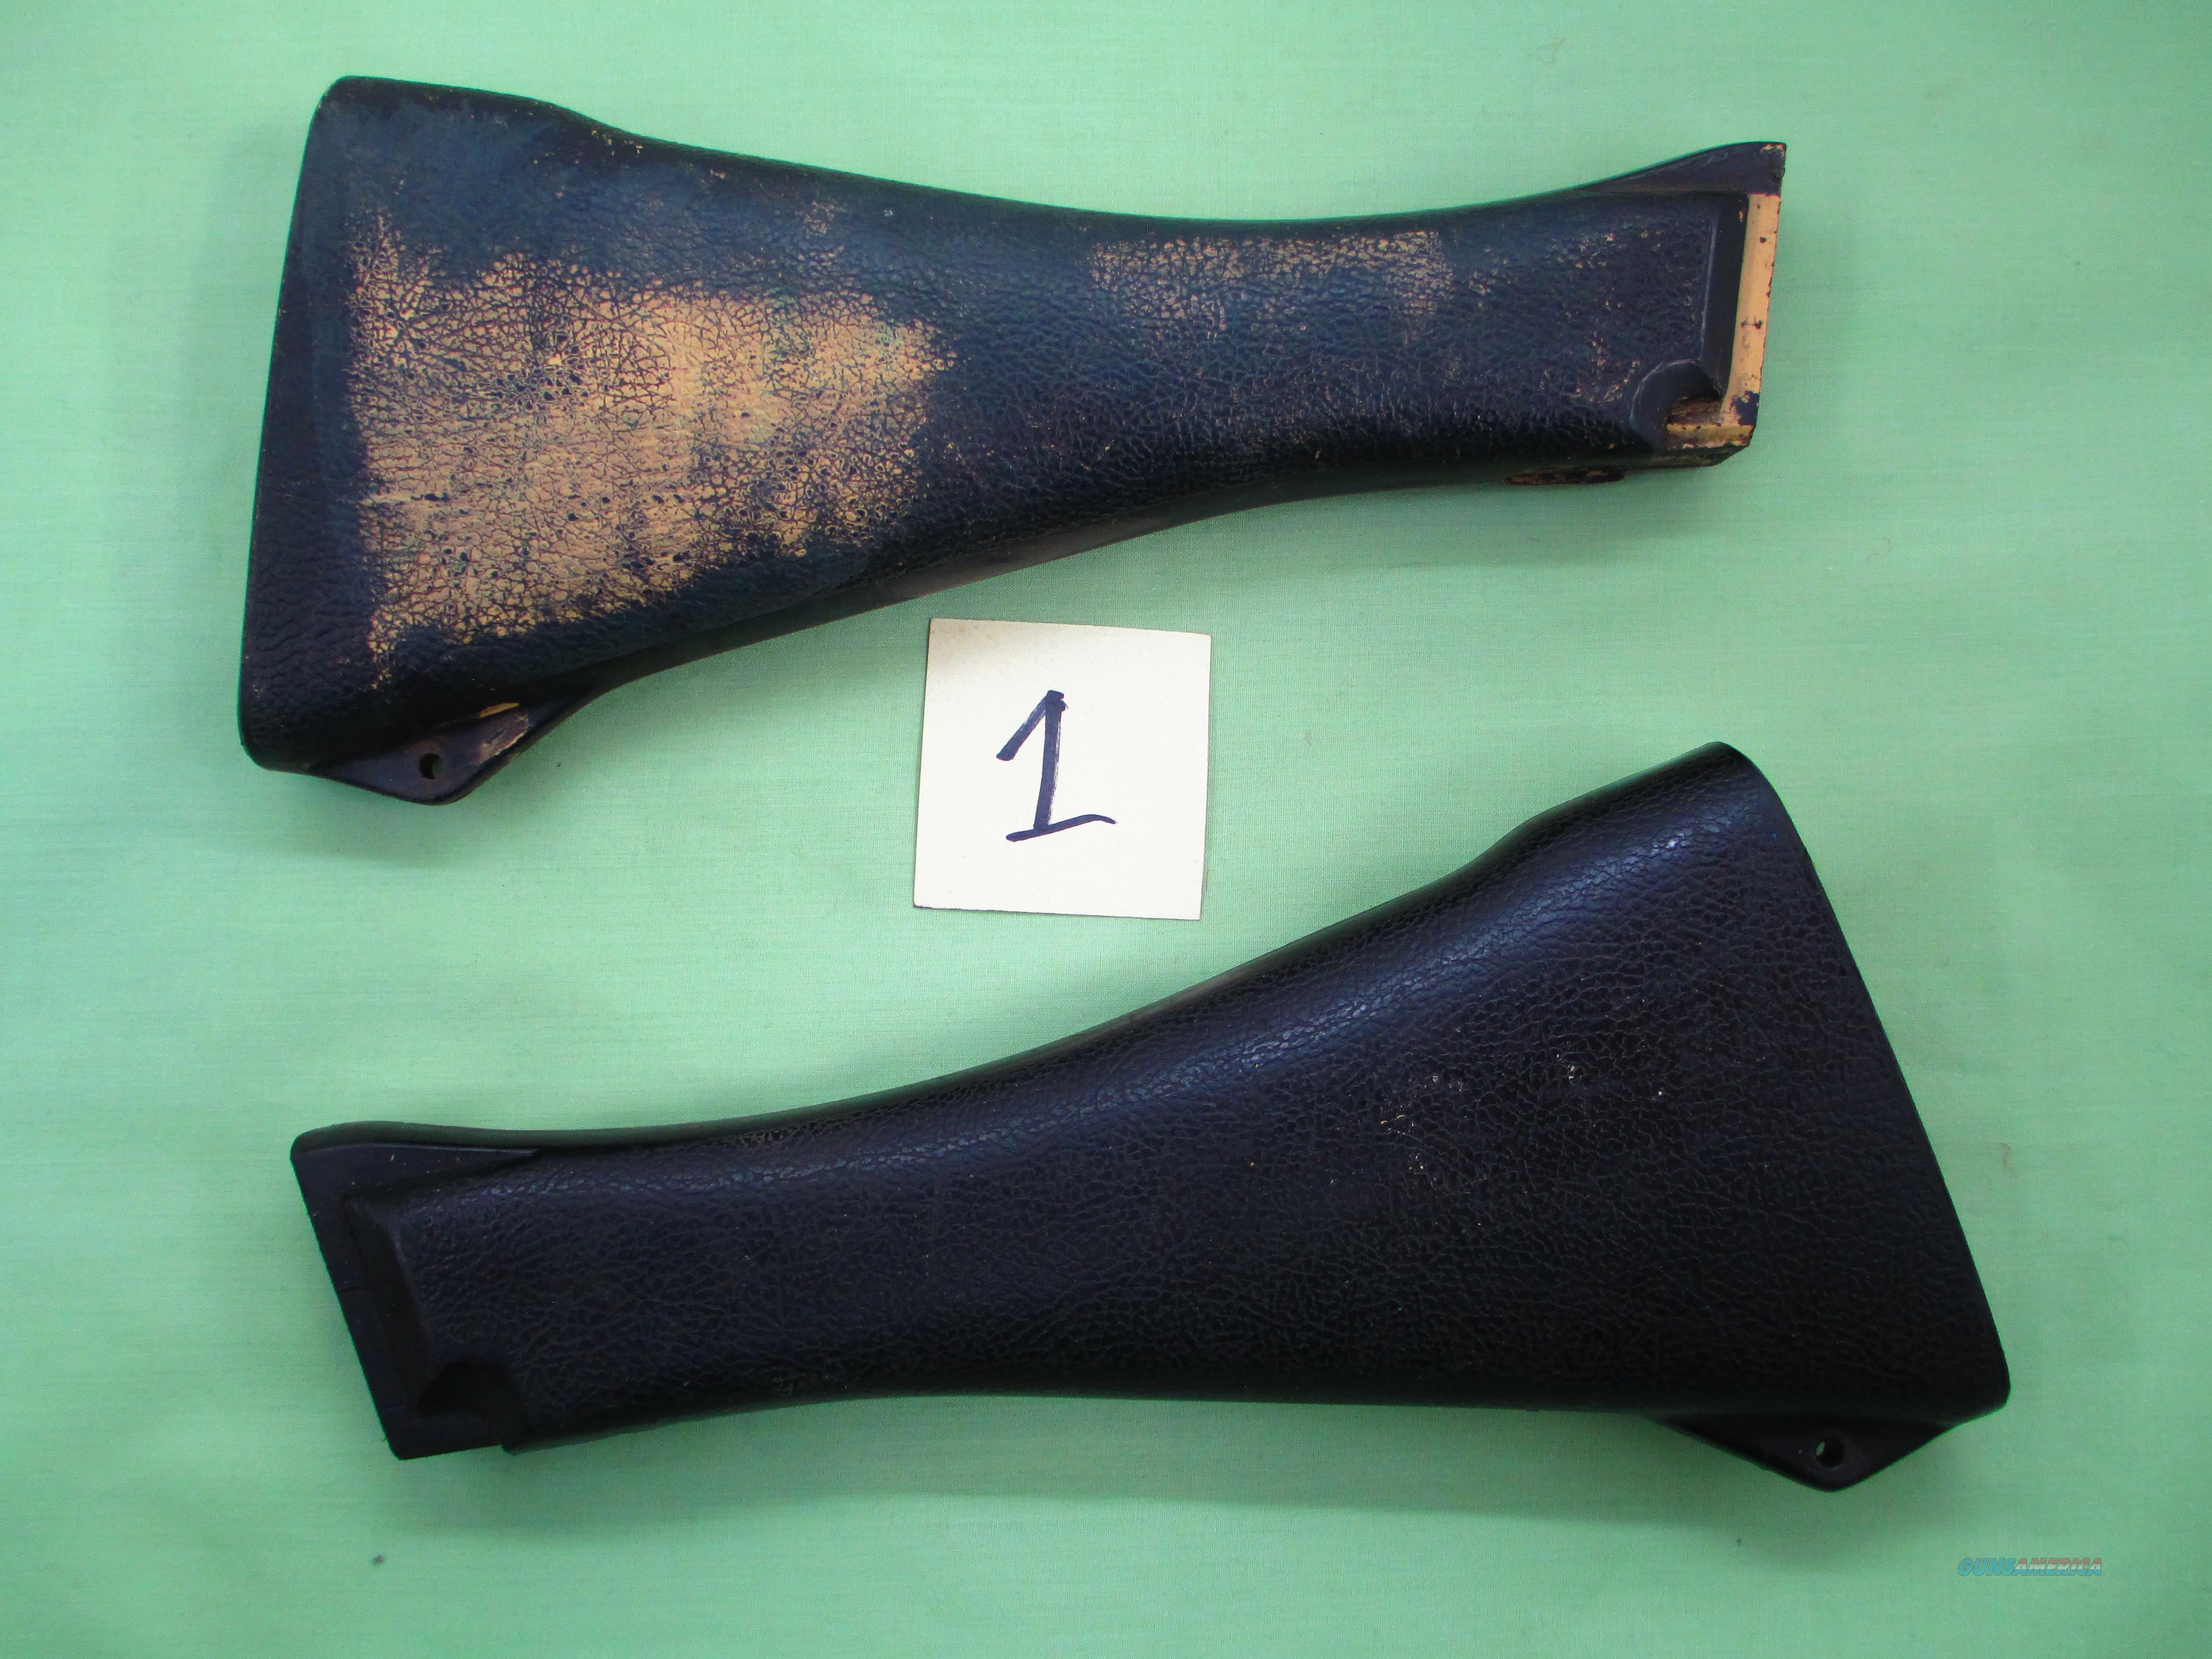 L1A1  BRITISH PEBBLEGRAIN  STOCK ( 2PK)  Non-Guns > Gun Parts > Military - Foreign